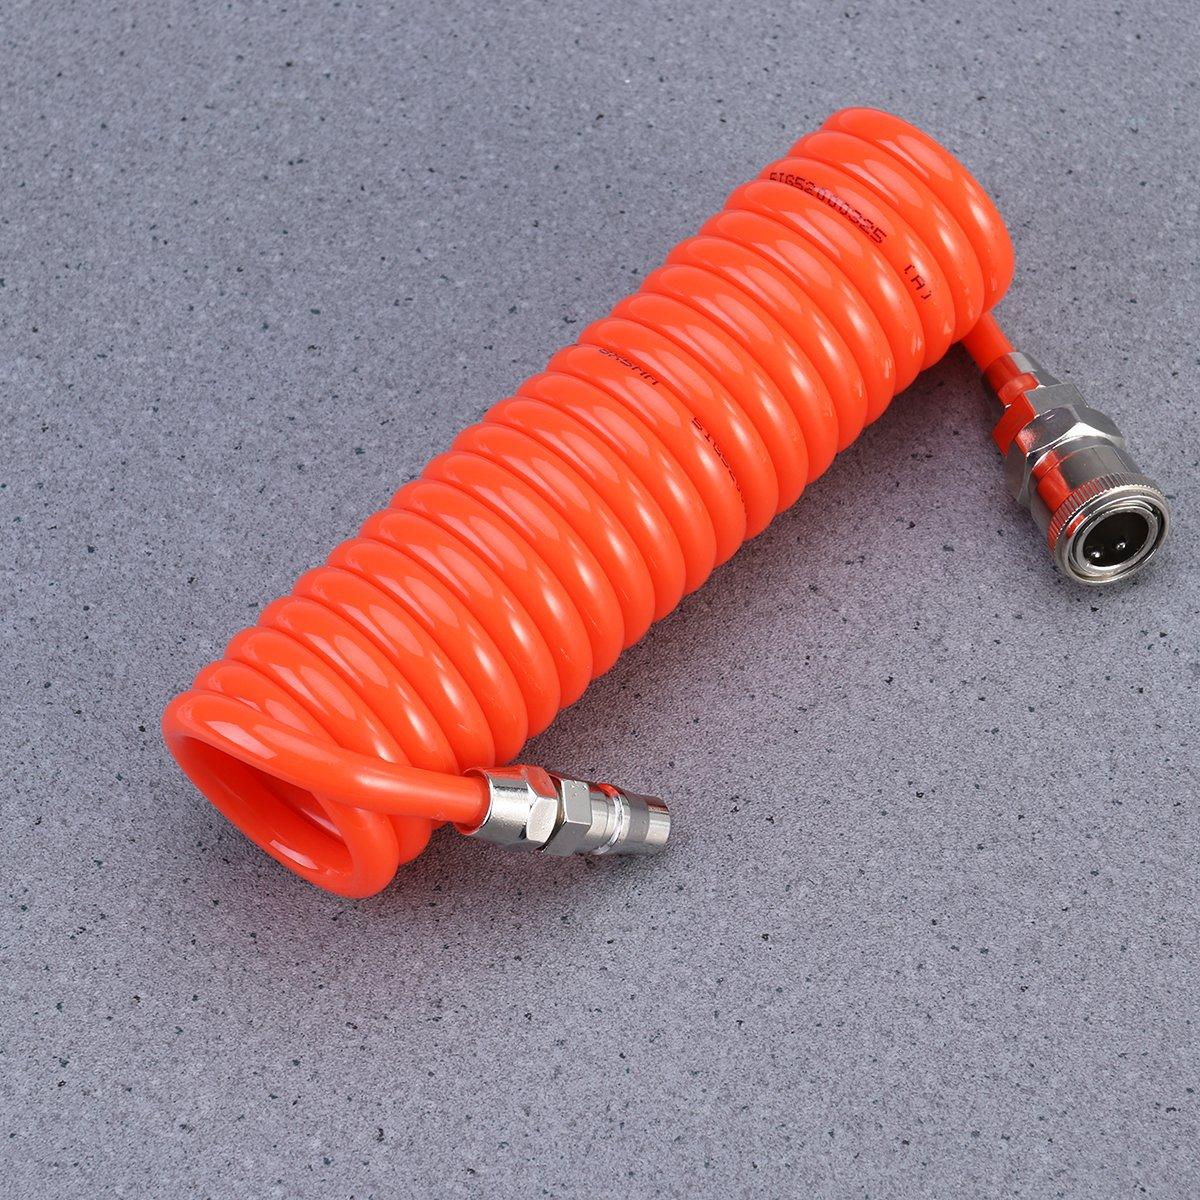 UKCOCO Tubo retr/áctil flexible del resorte del compresor de aire de la manguera del retroceso de la PU para la herramienta del aire del compresor 8m mx5m m